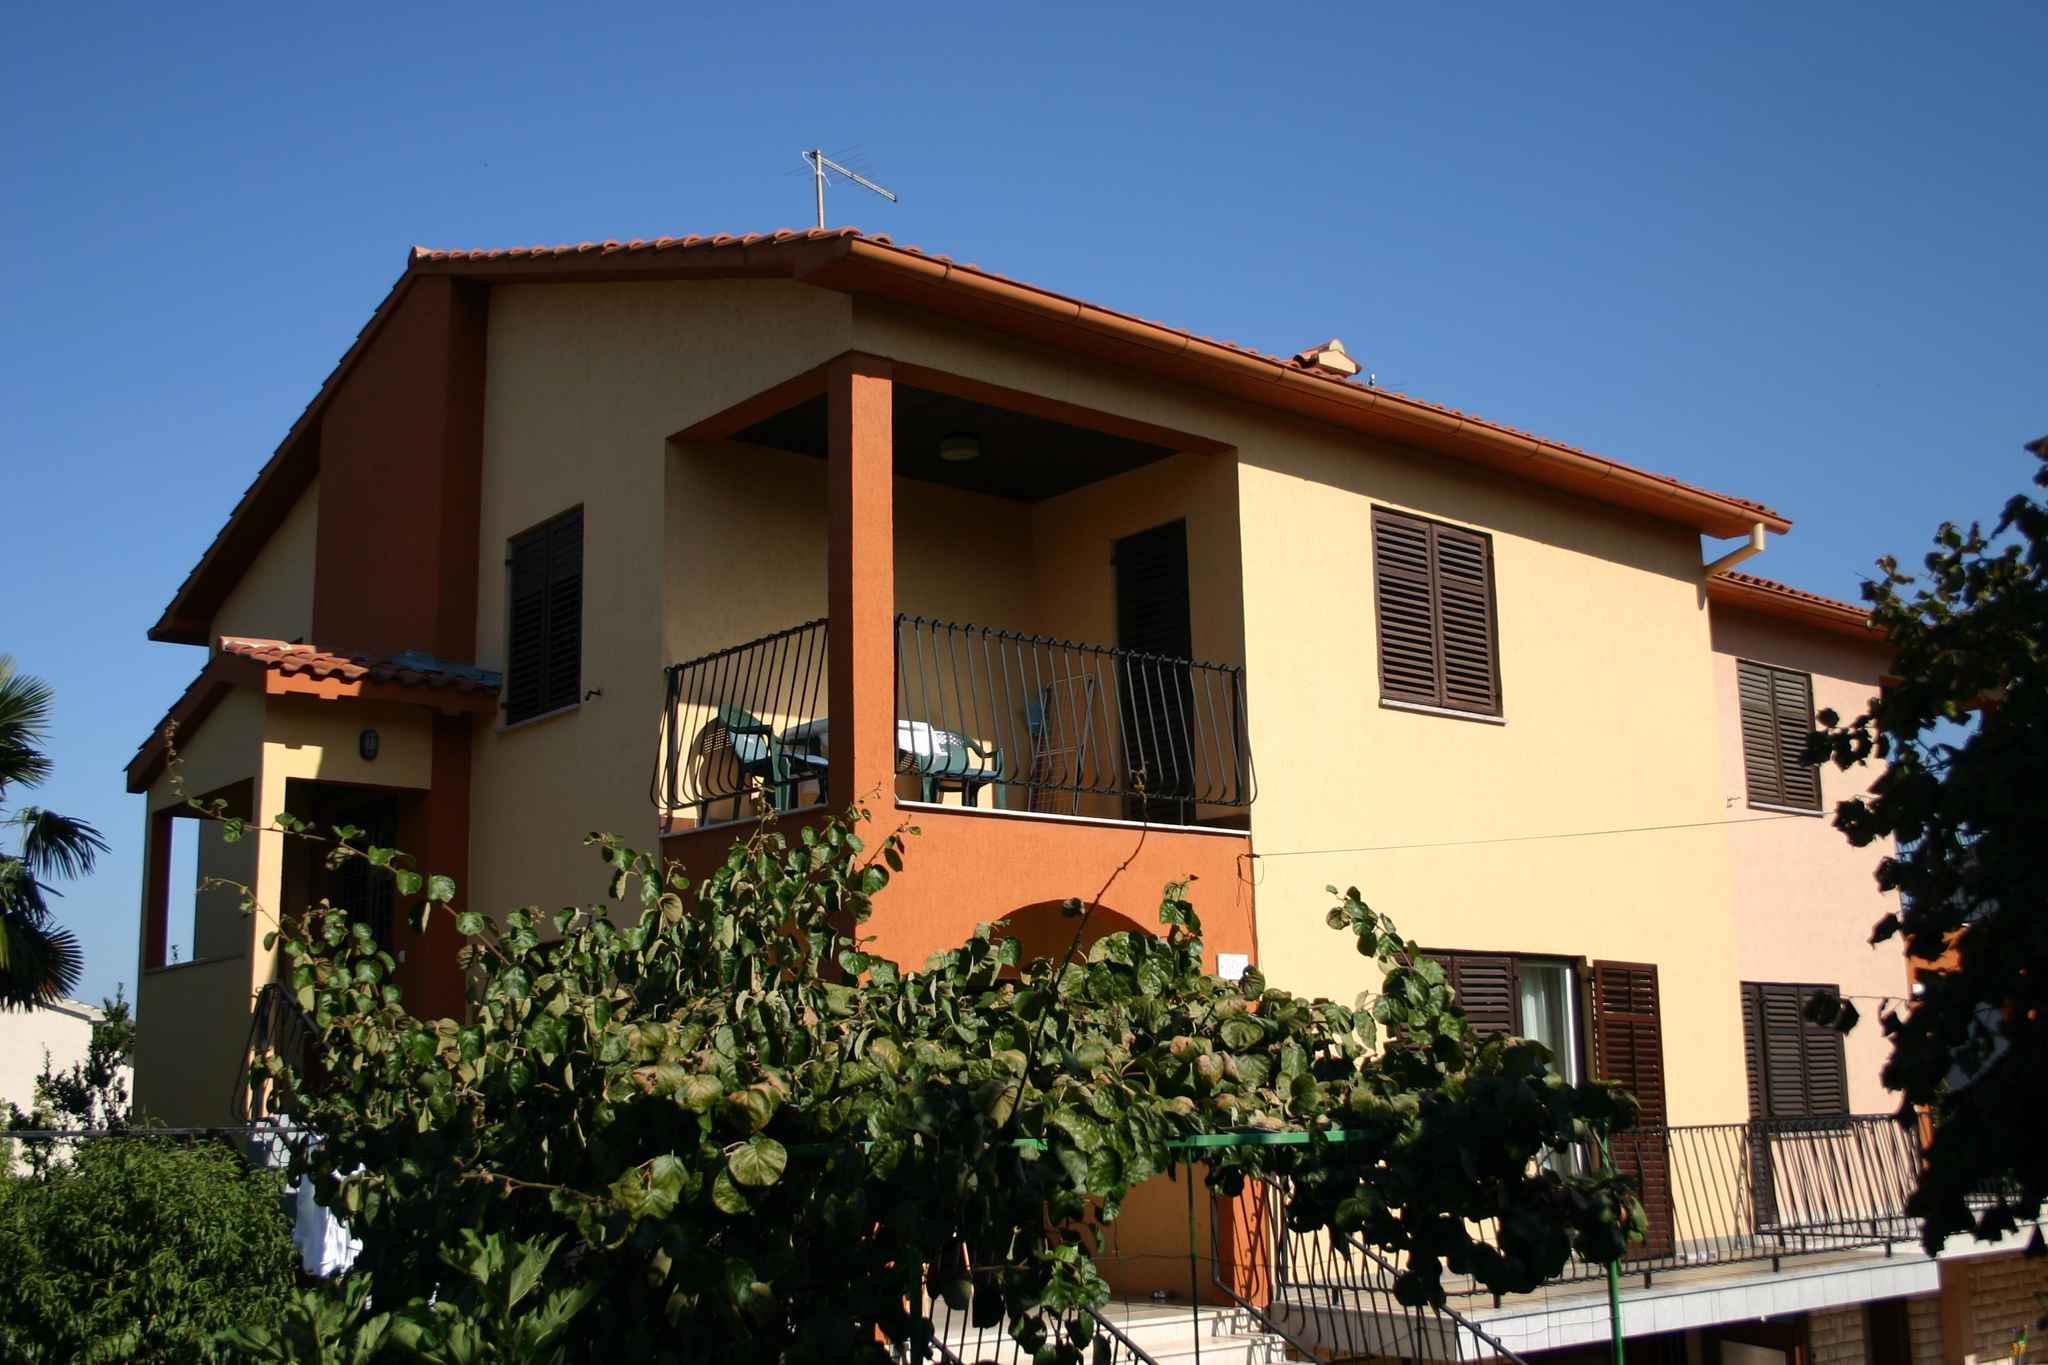 Ferienwohnung mit Balkon und Klimaanlage (281002), Rovinj, , Istrien, Kroatien, Bild 1